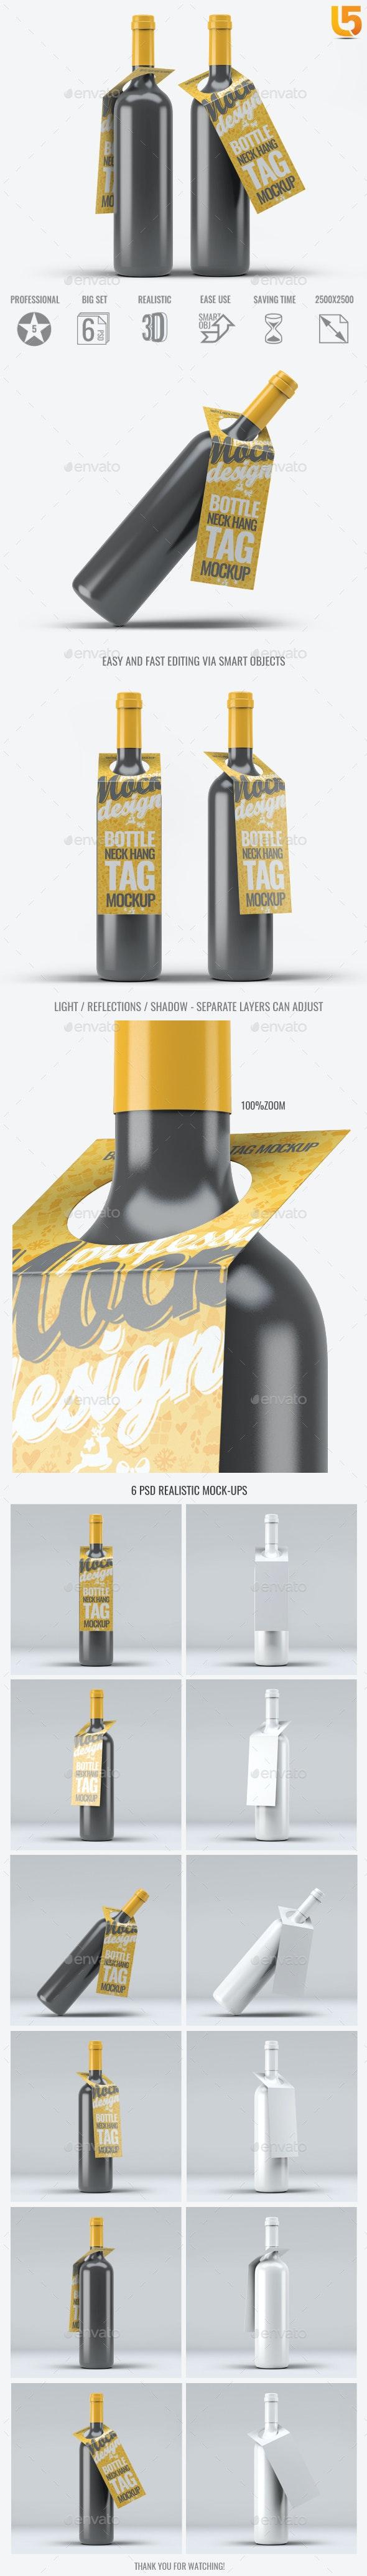 Bottleneck Hanger Tag Mock-Up - Food and Drink Packaging